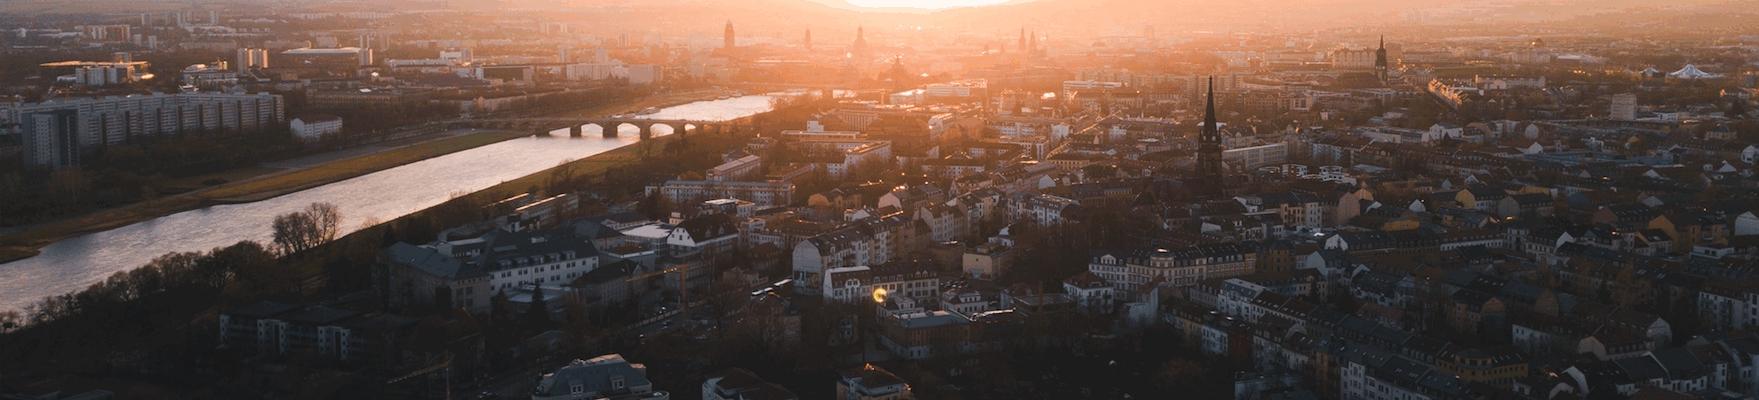 Lustige Stadtrundfahrt in sächischer Mundart Dresden 22.9.